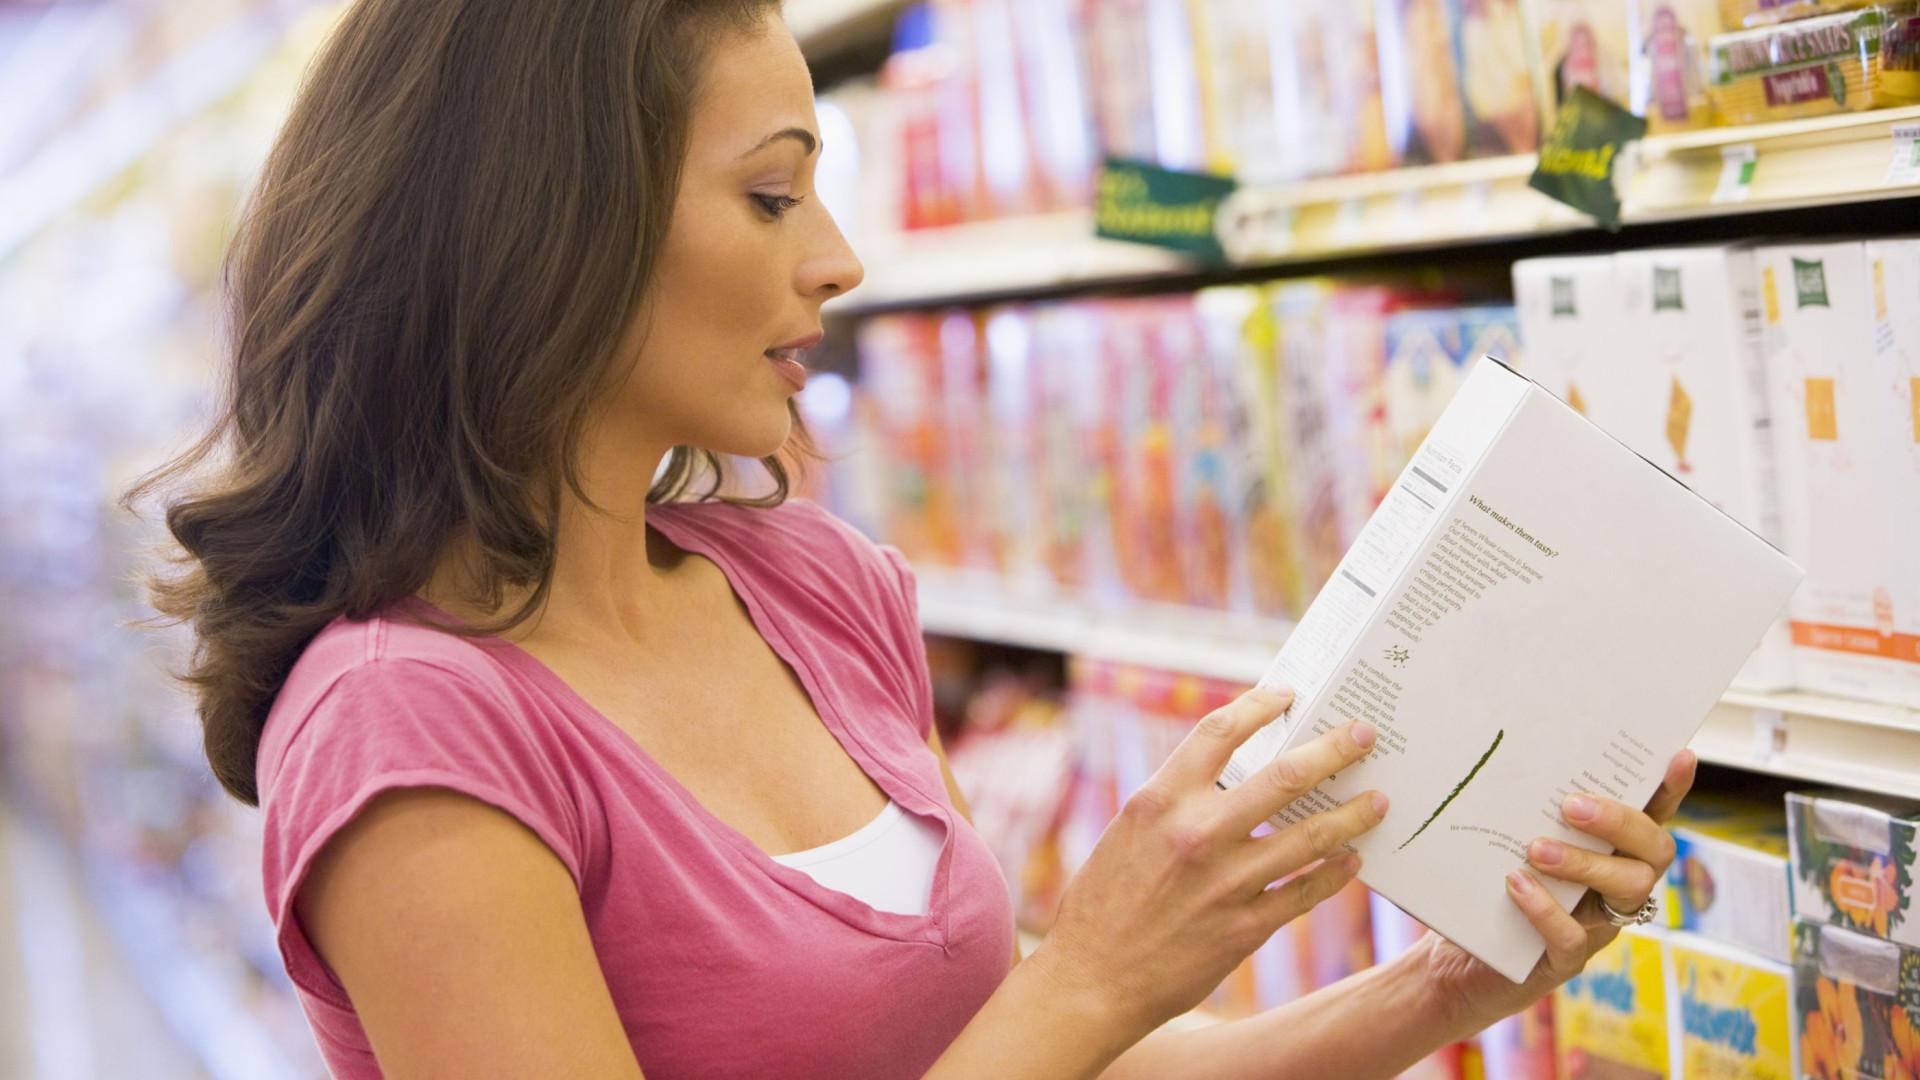 O leitor perguntou: Afinal, o que são produtos diet e light?